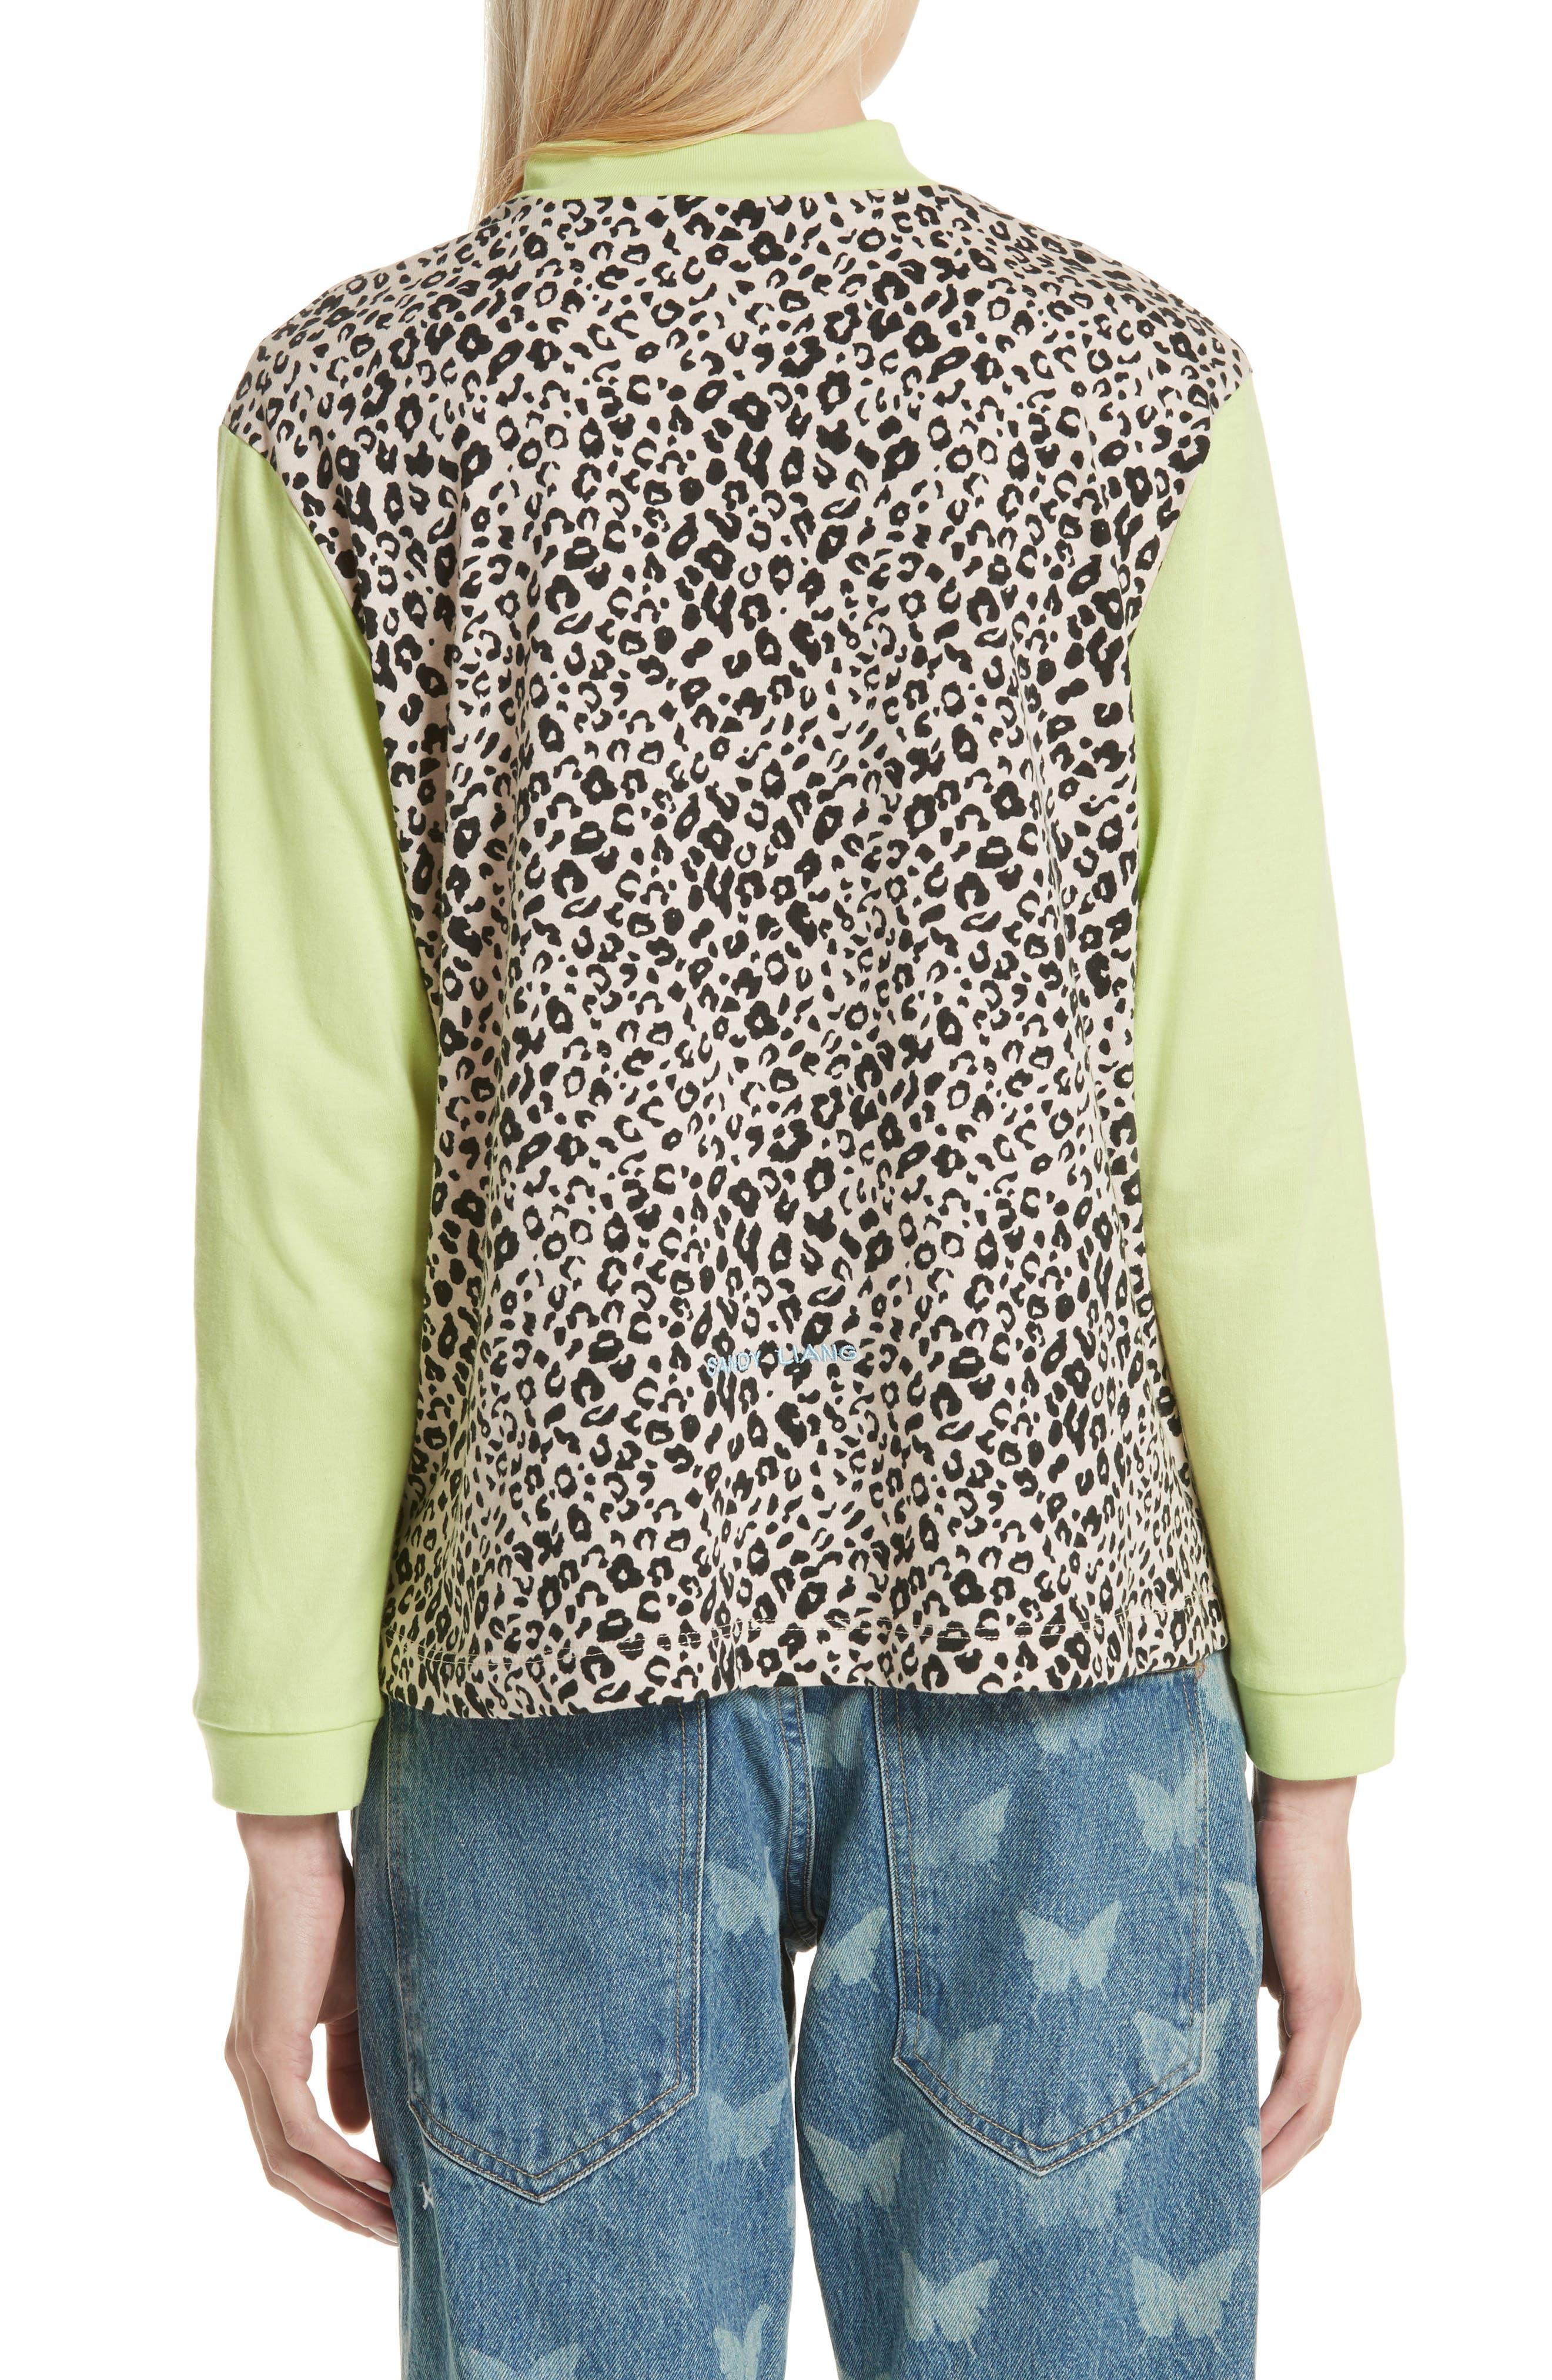 Lewis Leopard & Neon Sweater,                             Alternate thumbnail 2, color,                             SNOW LEOPARD